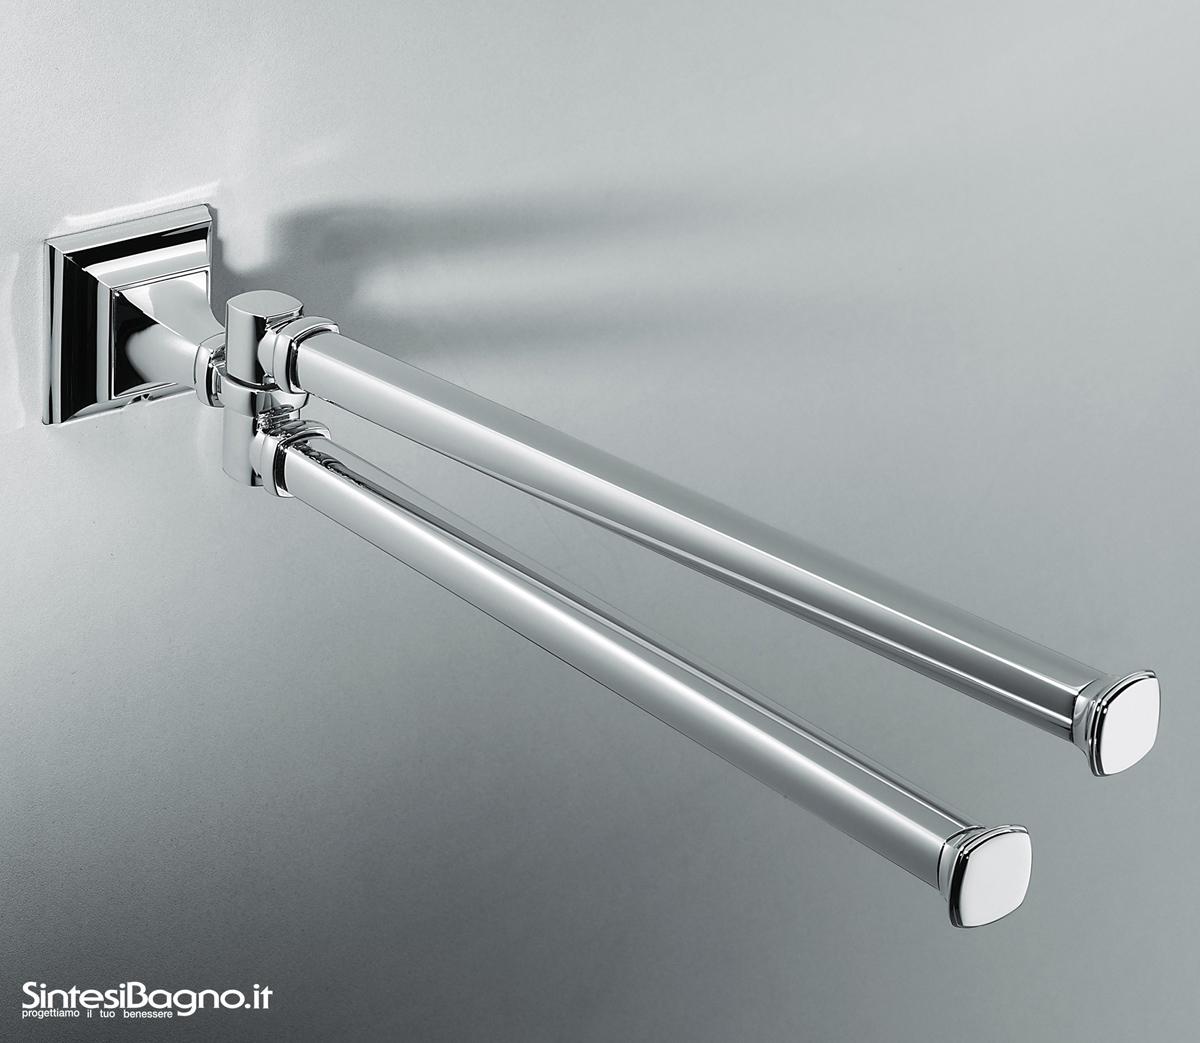 accessori-bagno-colombo-serie-portofino-sintesibagno_amb10